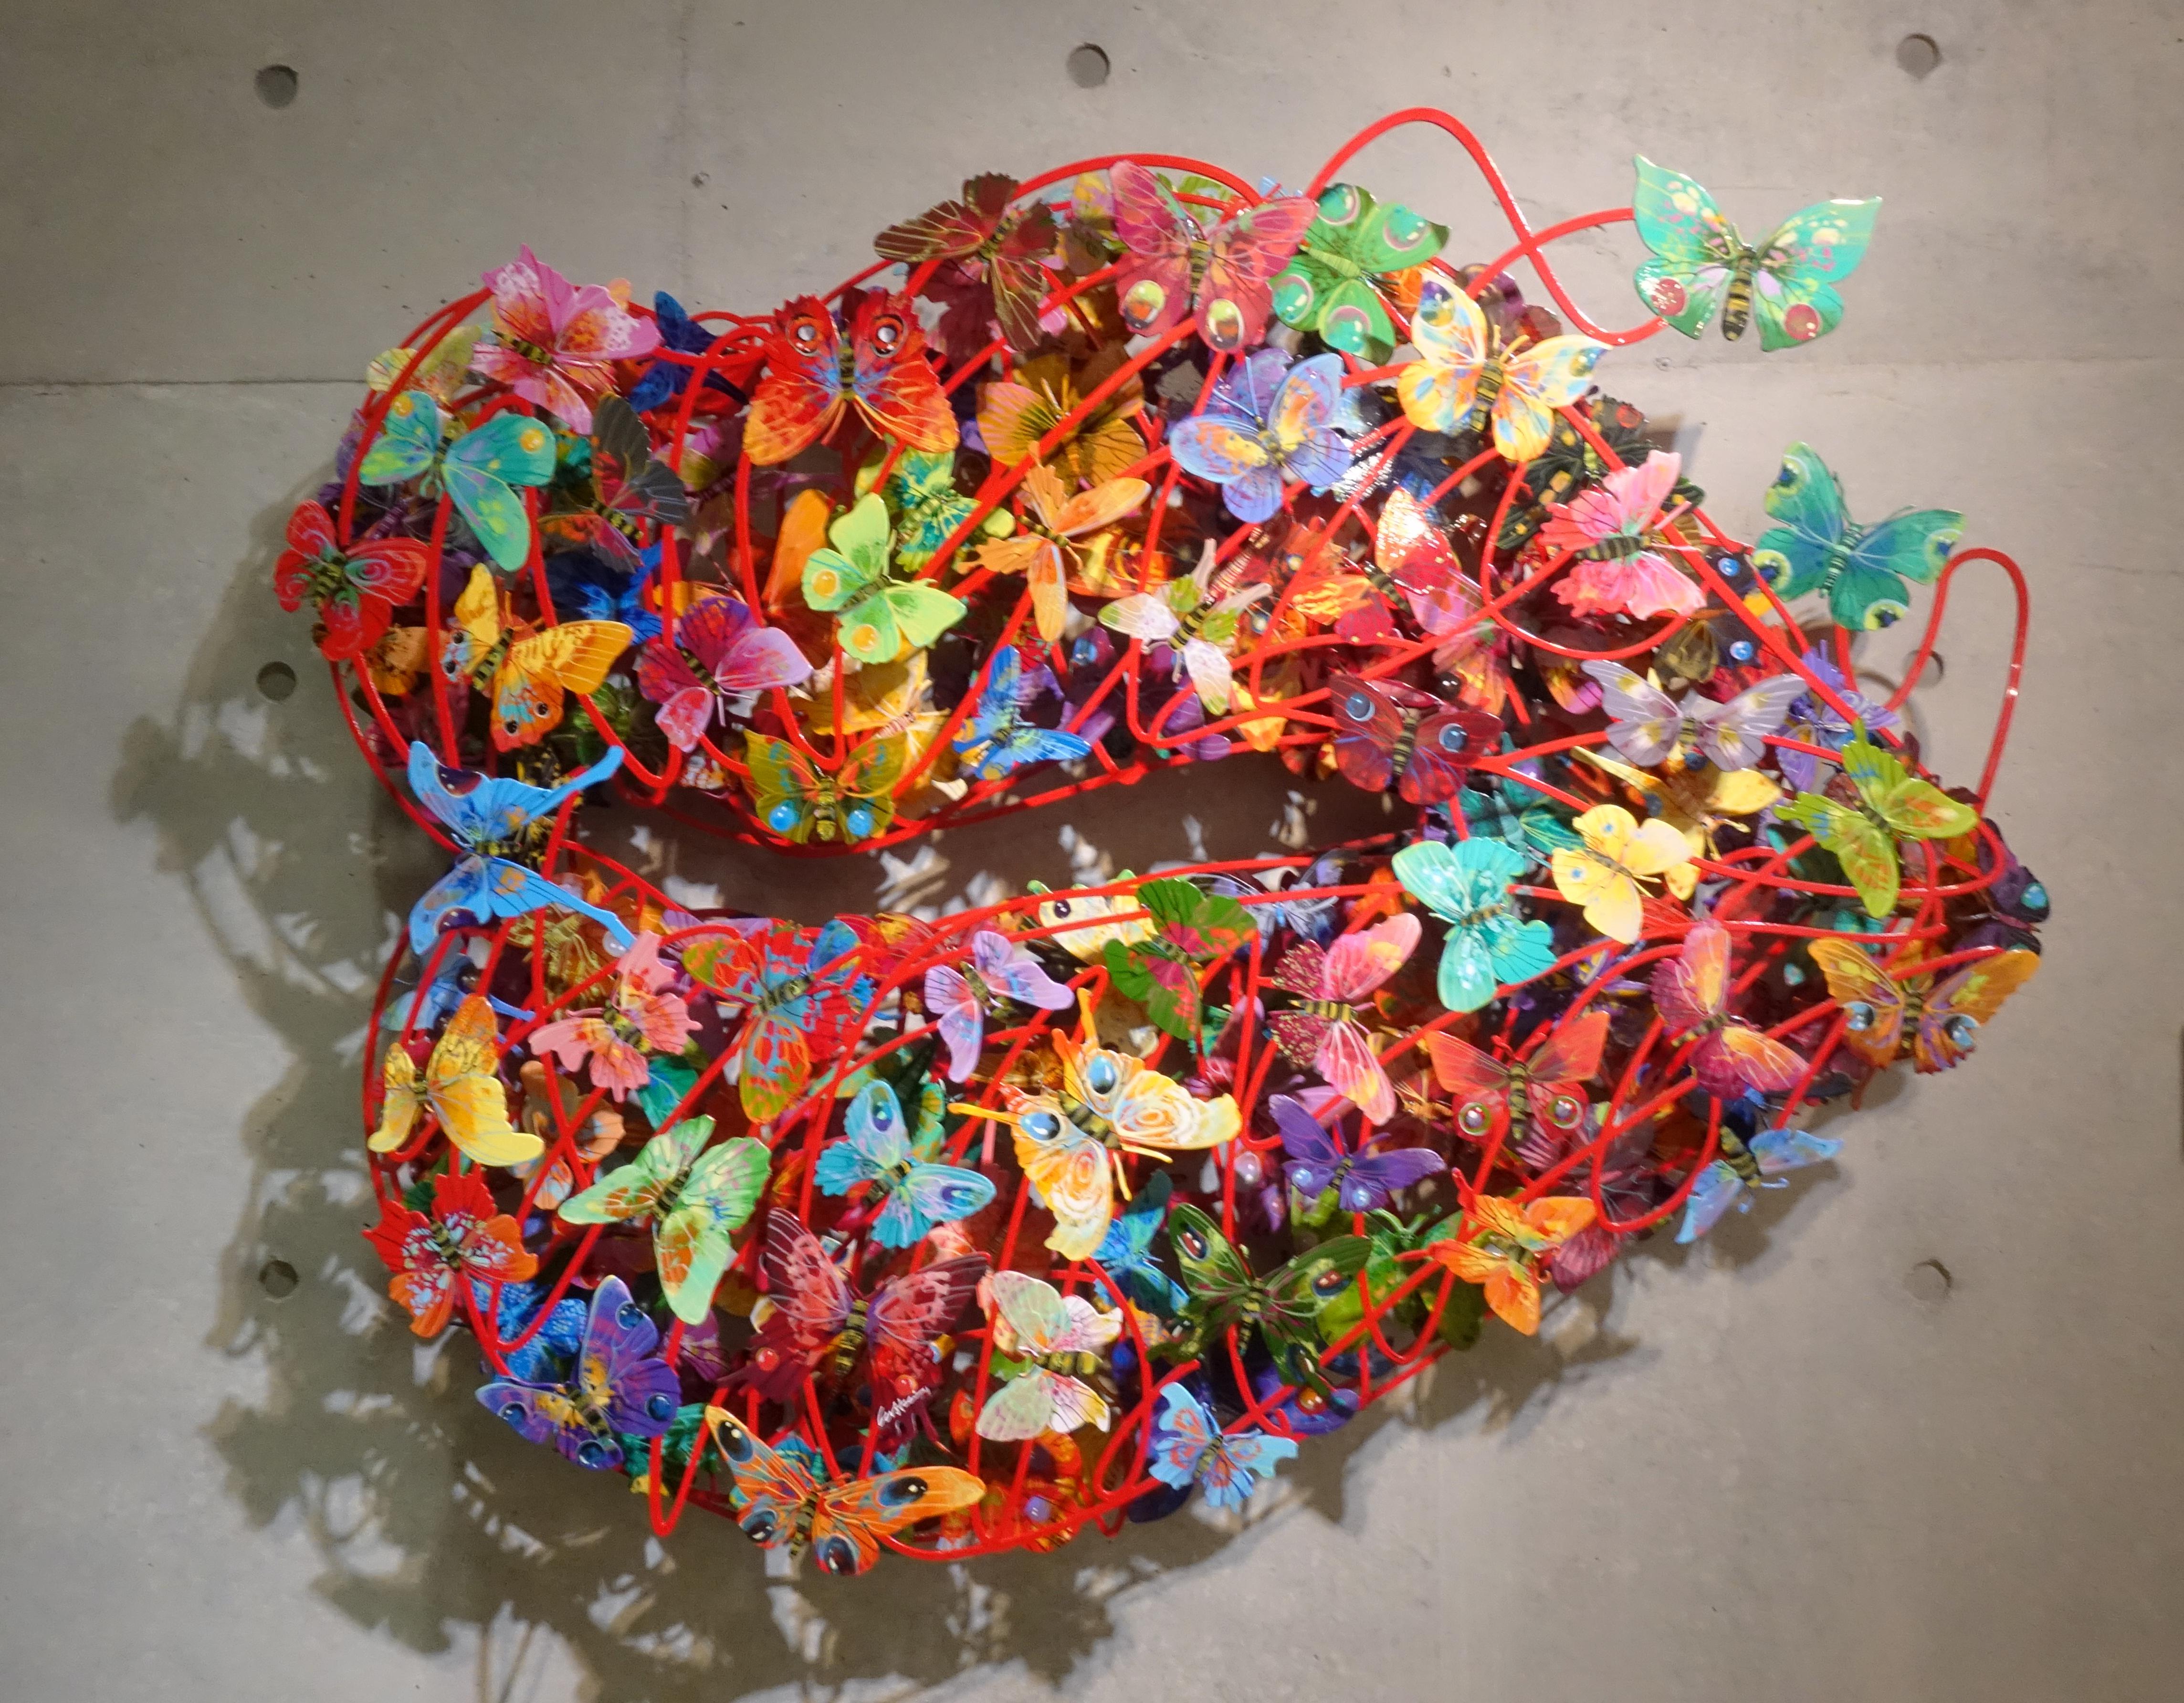 David Gerstein,《Burning Lips》,120 x 98 x 15 cm,Steel不鏽鋼3層,2010。